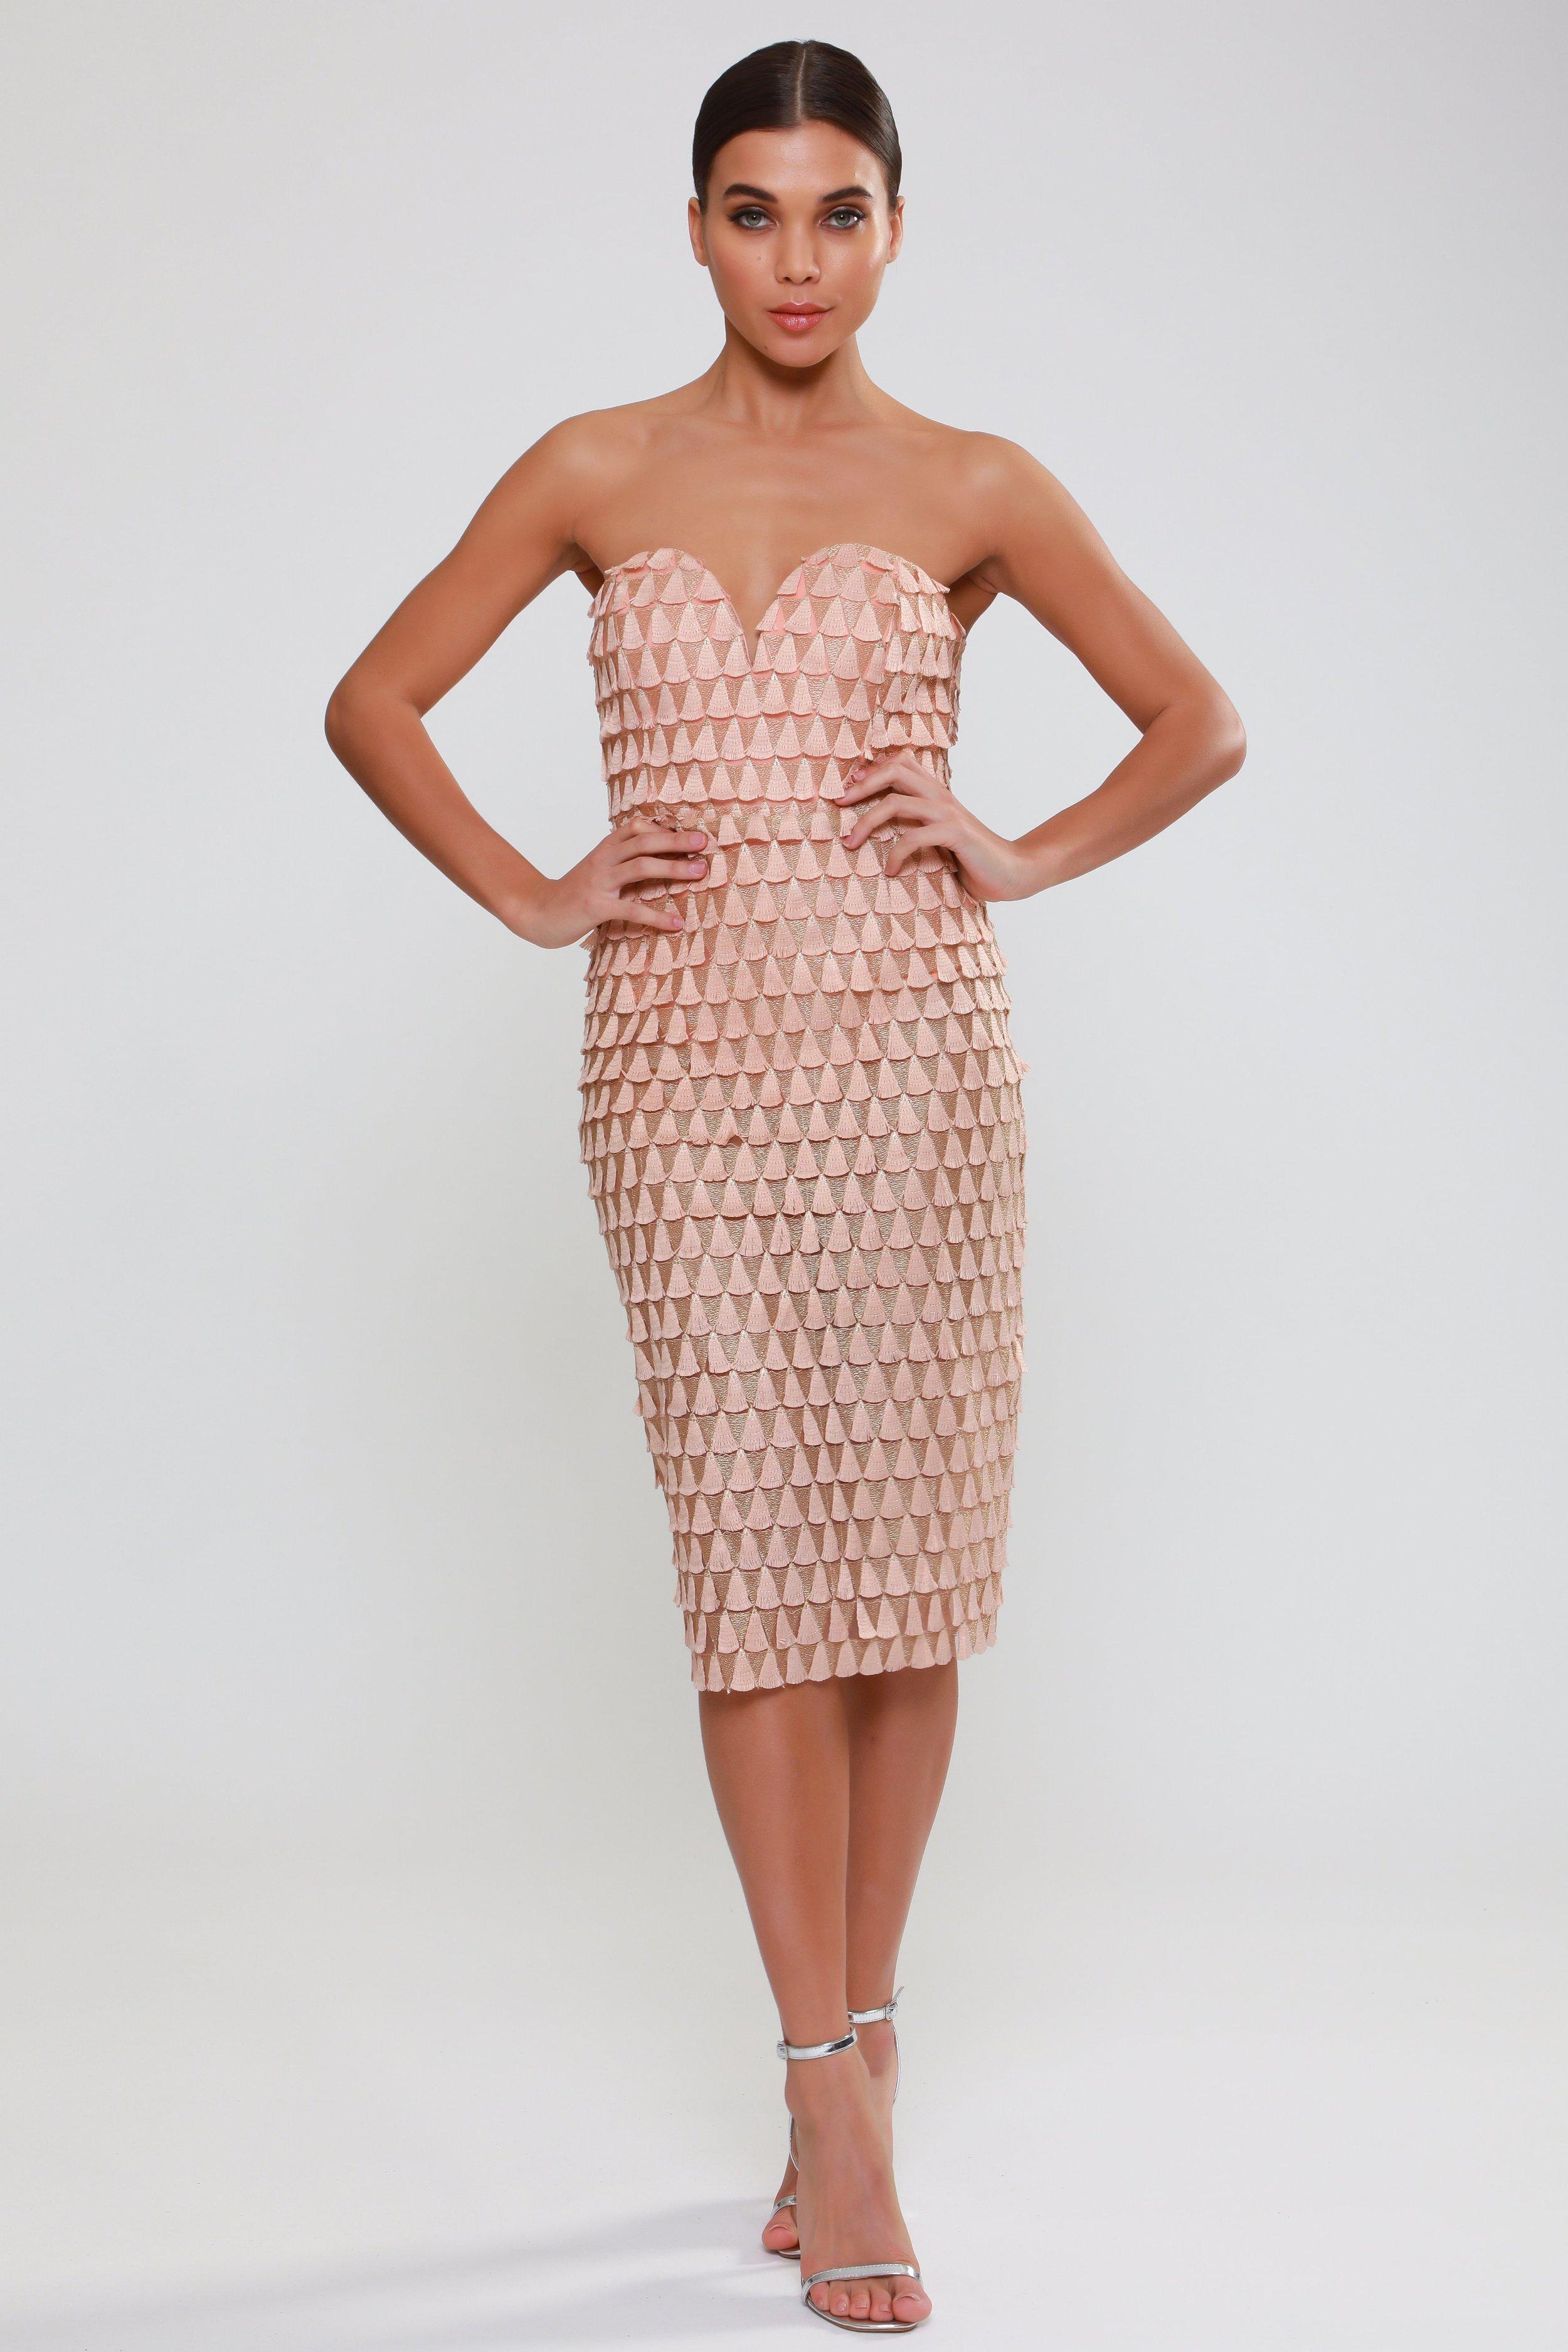 Textured Fan Tulle  Bandeau Dress   £90.00